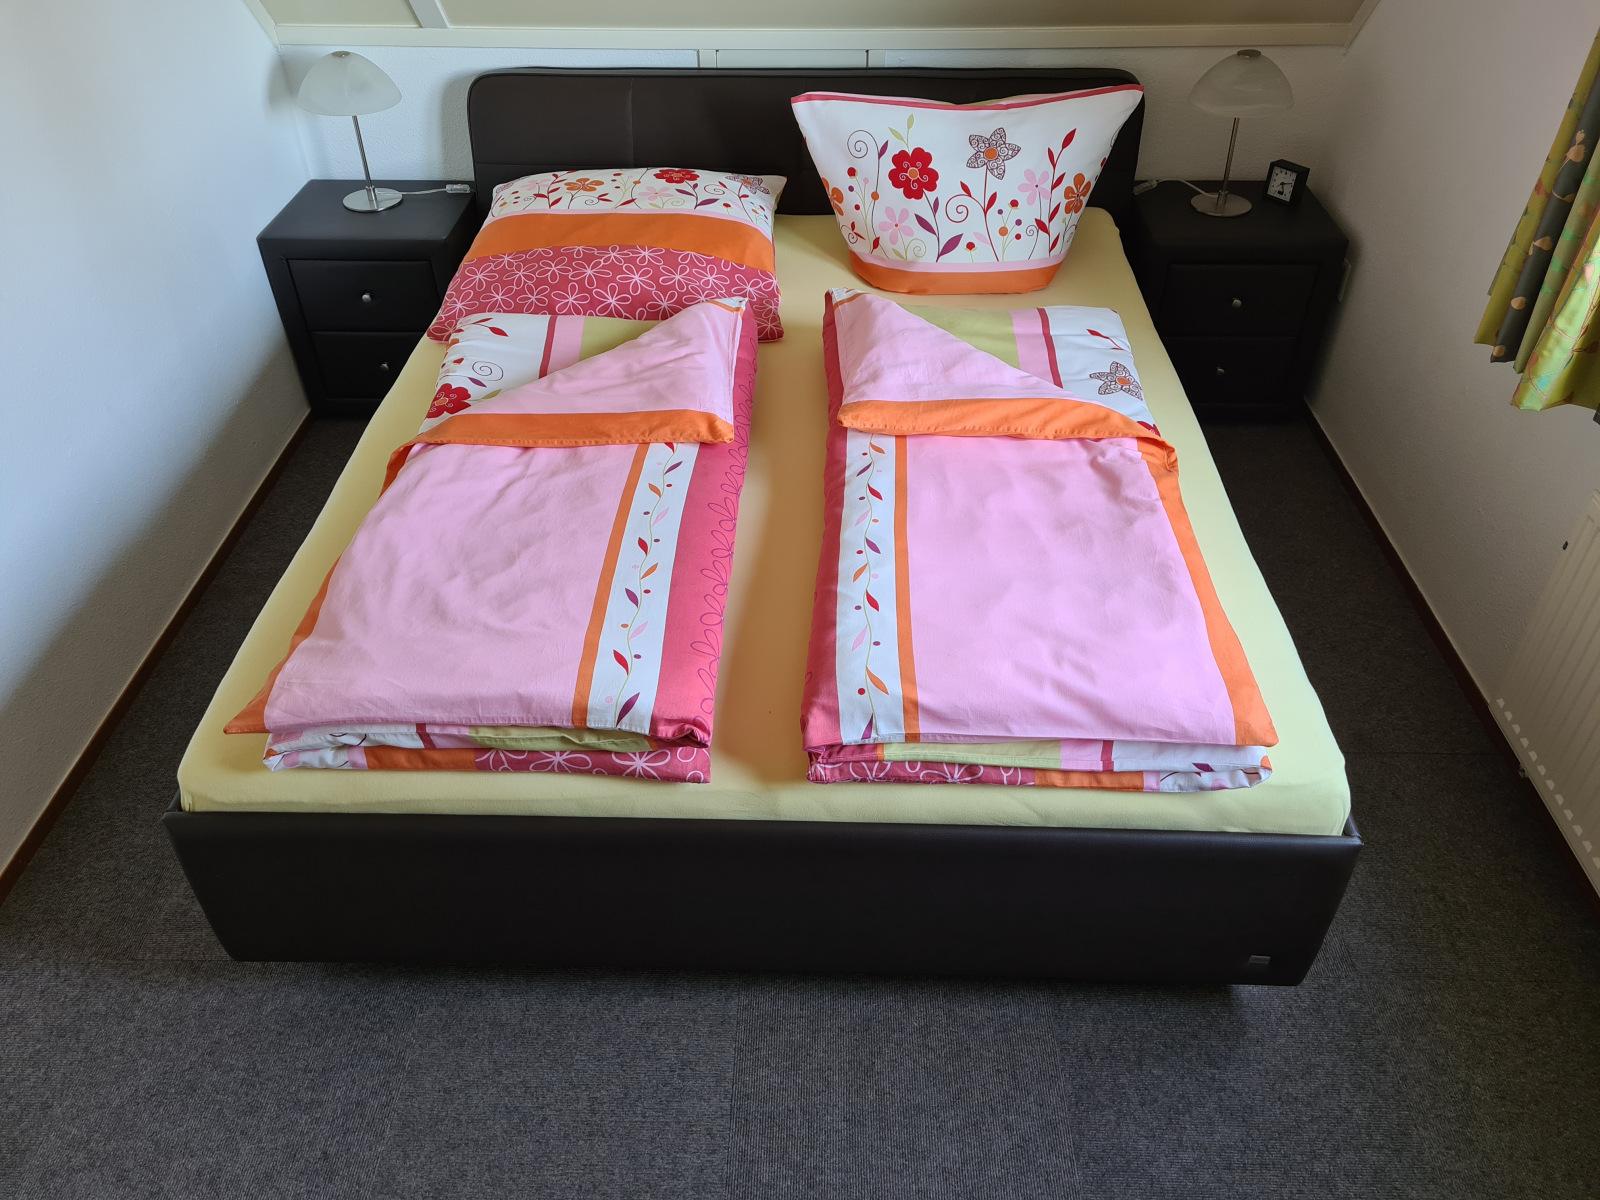 Das RUF-Bett im Elternschlafzimmer